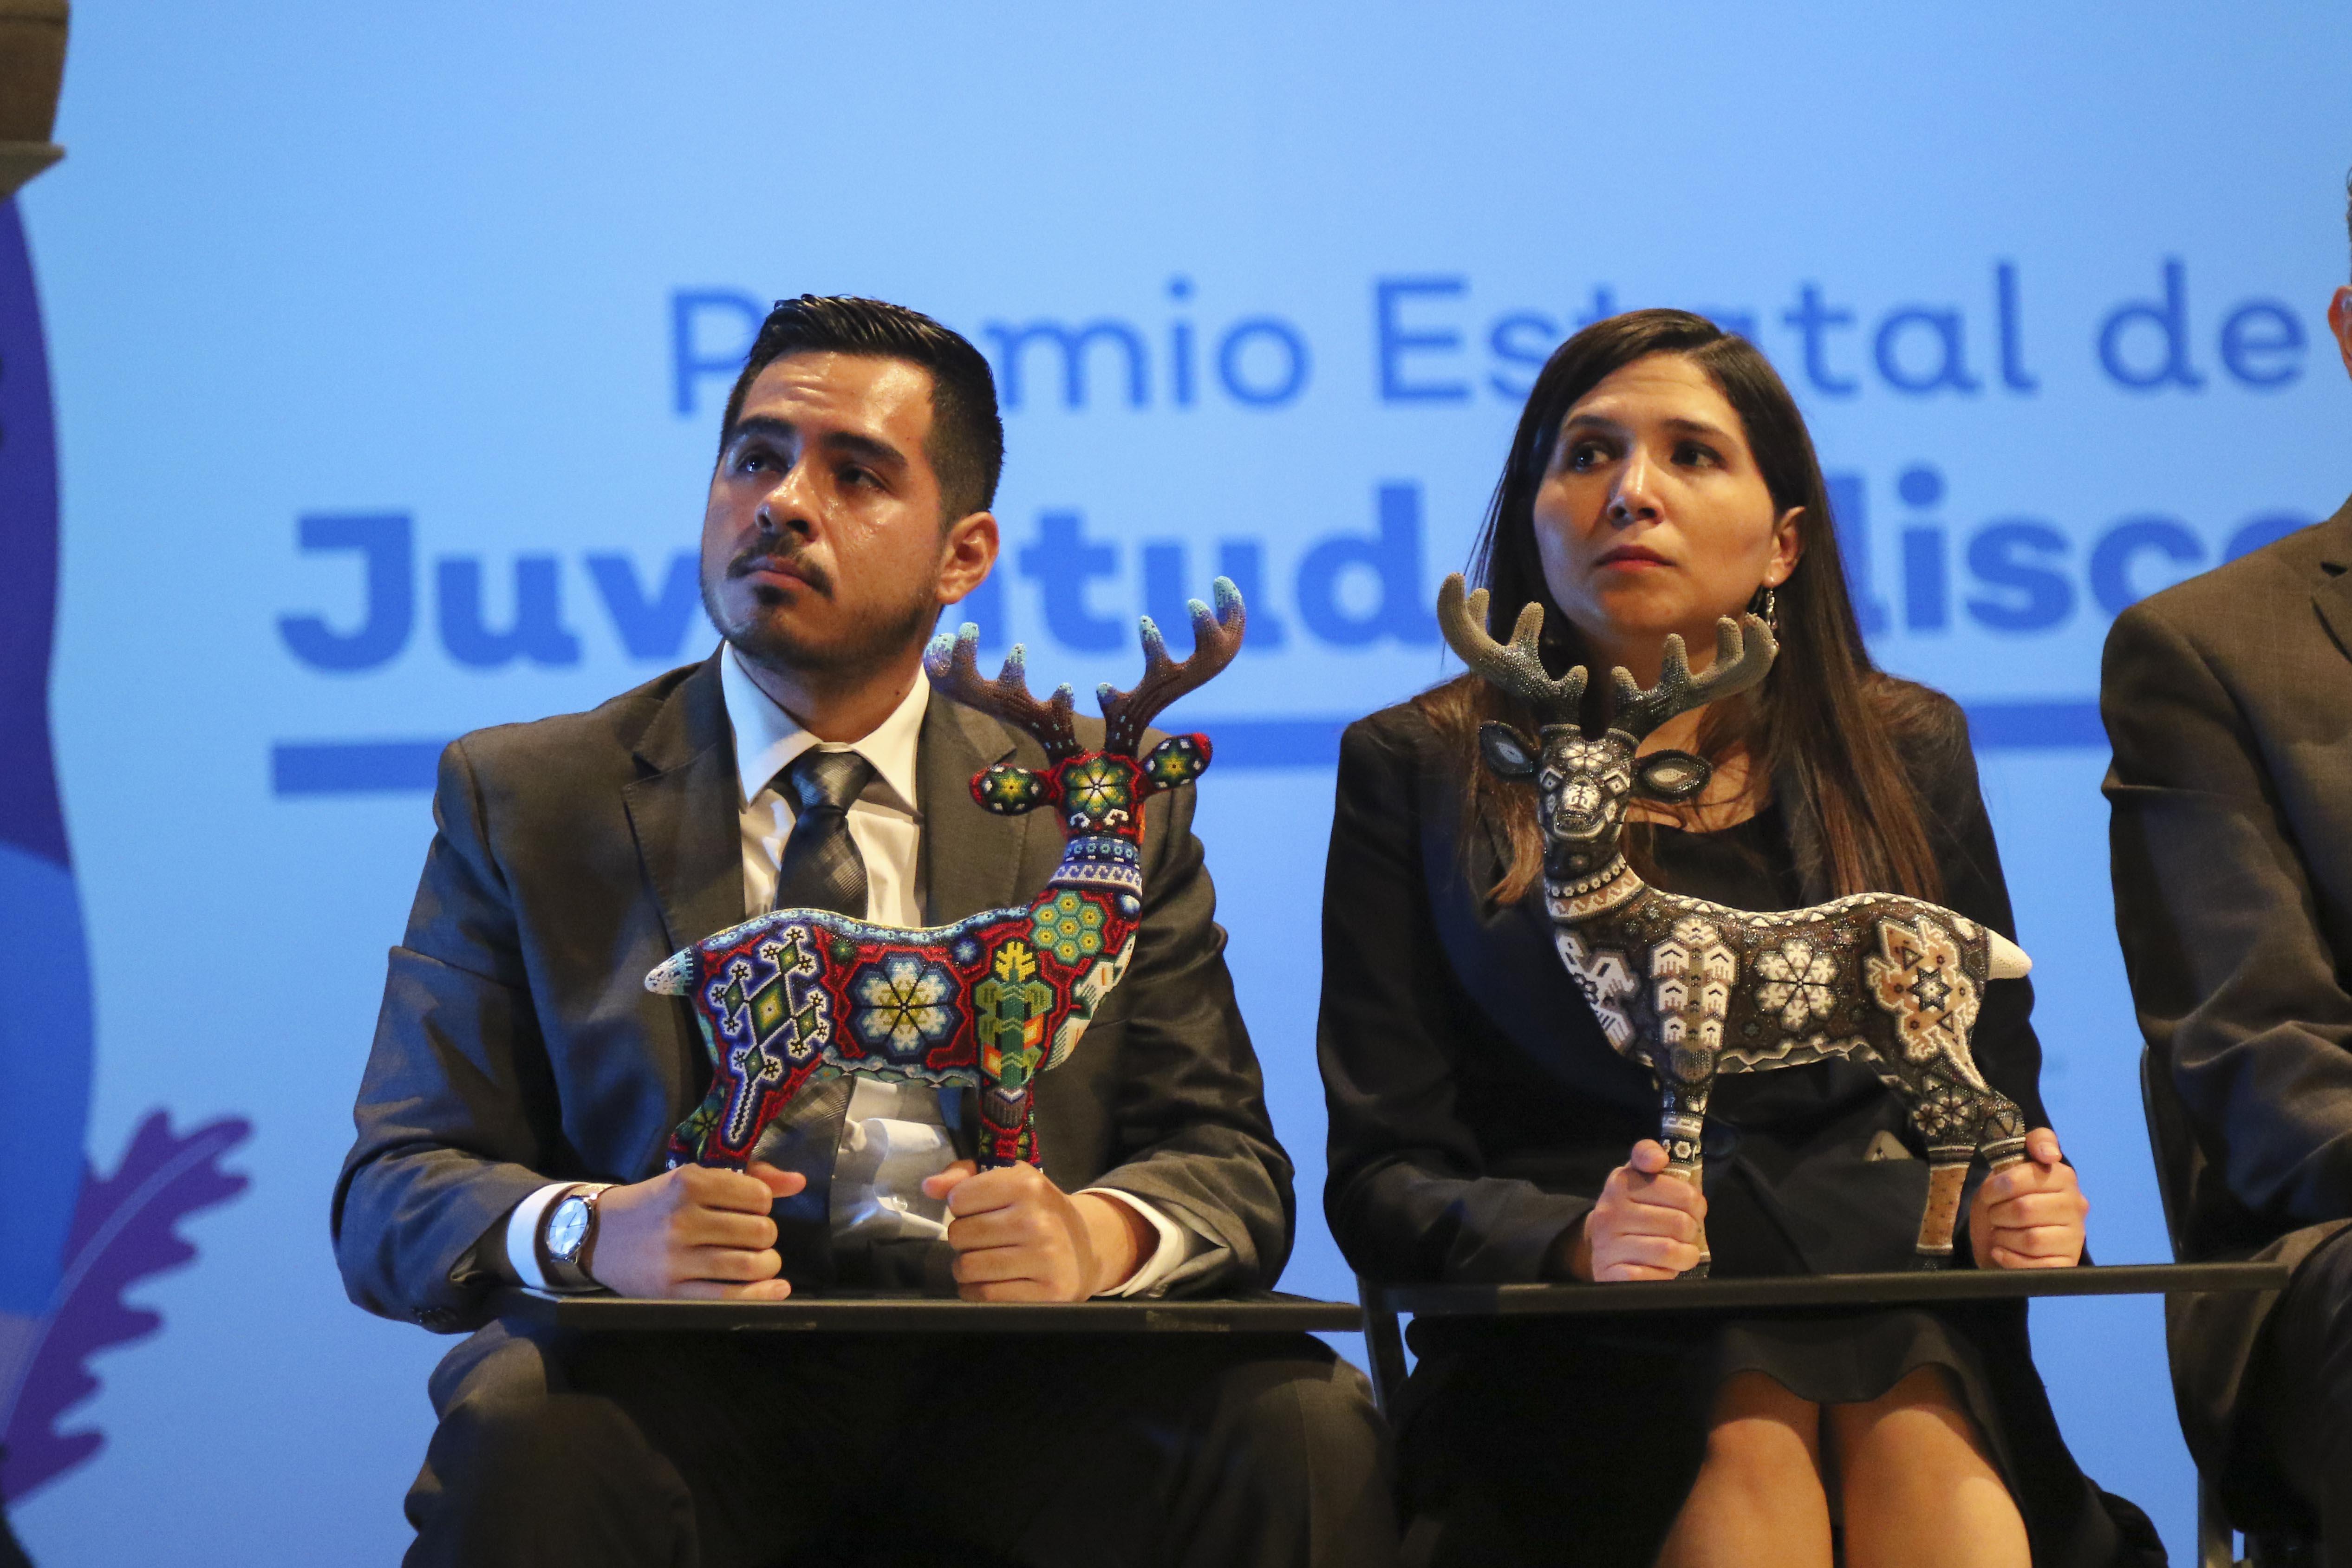 Egresados de UdeG escuchando al ponente, tienen en sus manos el galardón con el que los premiaron